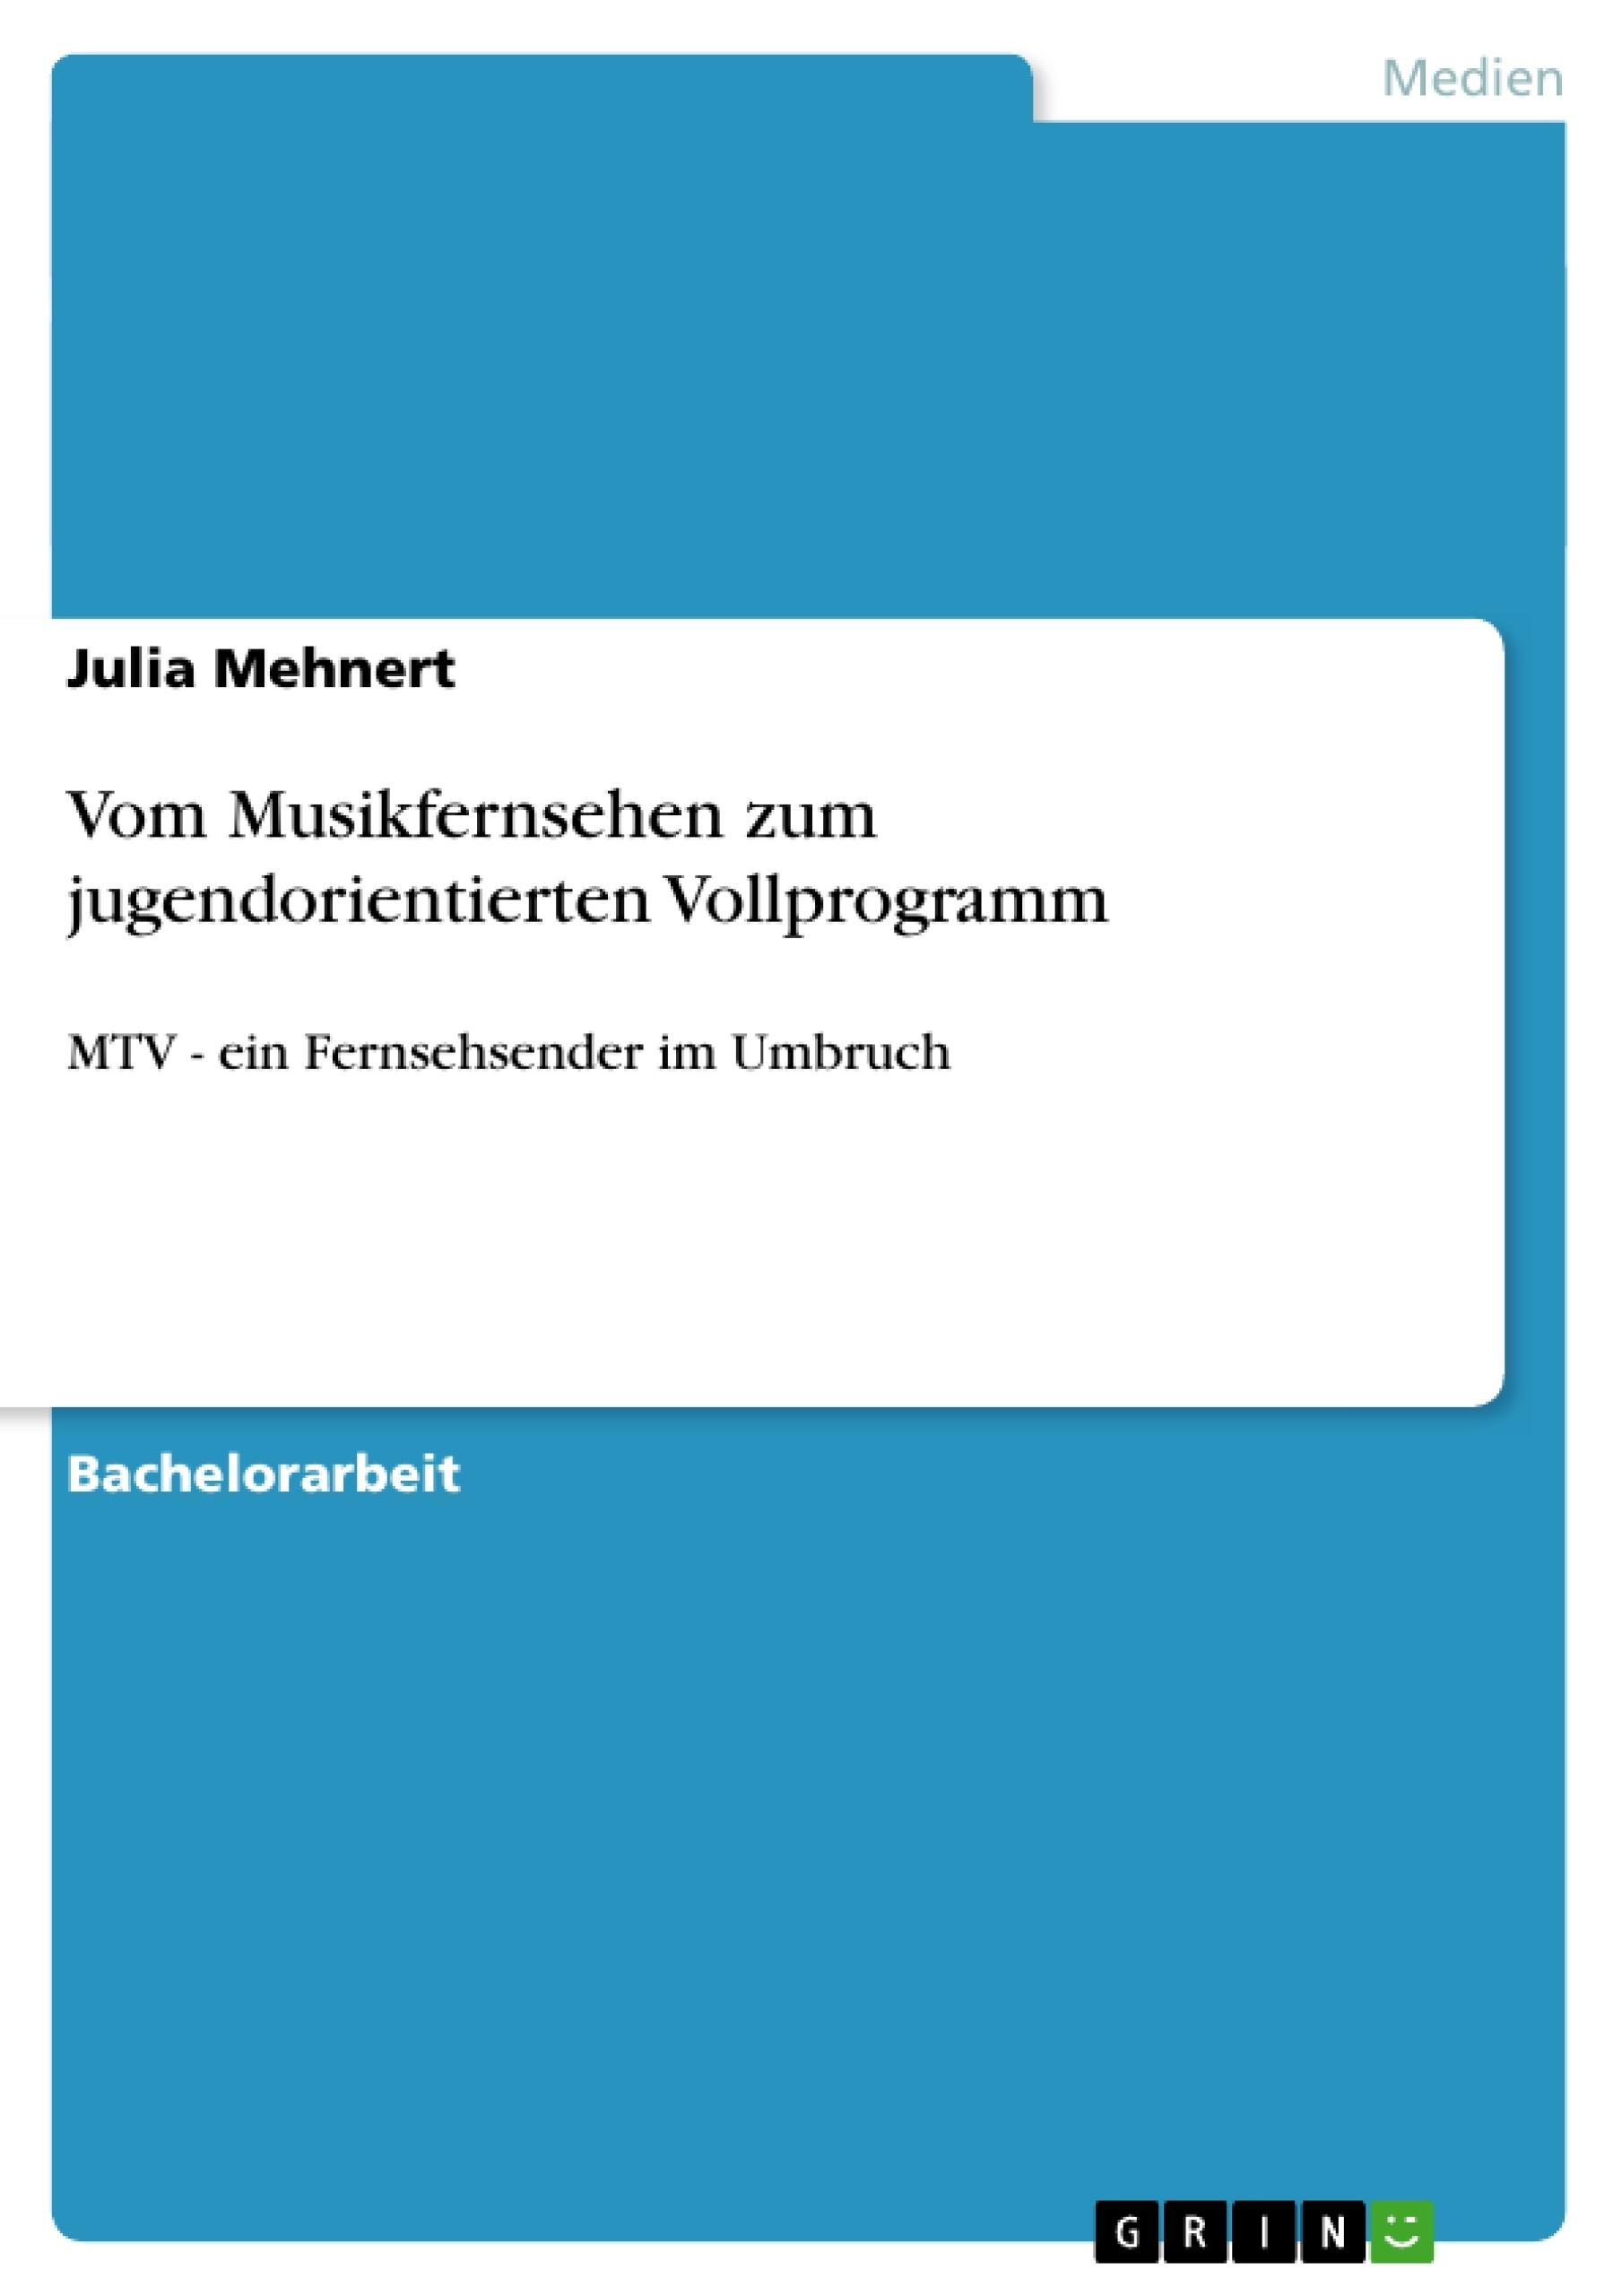 Titel: Vom Musikfernsehen zum jugendorientierten Vollprogramm